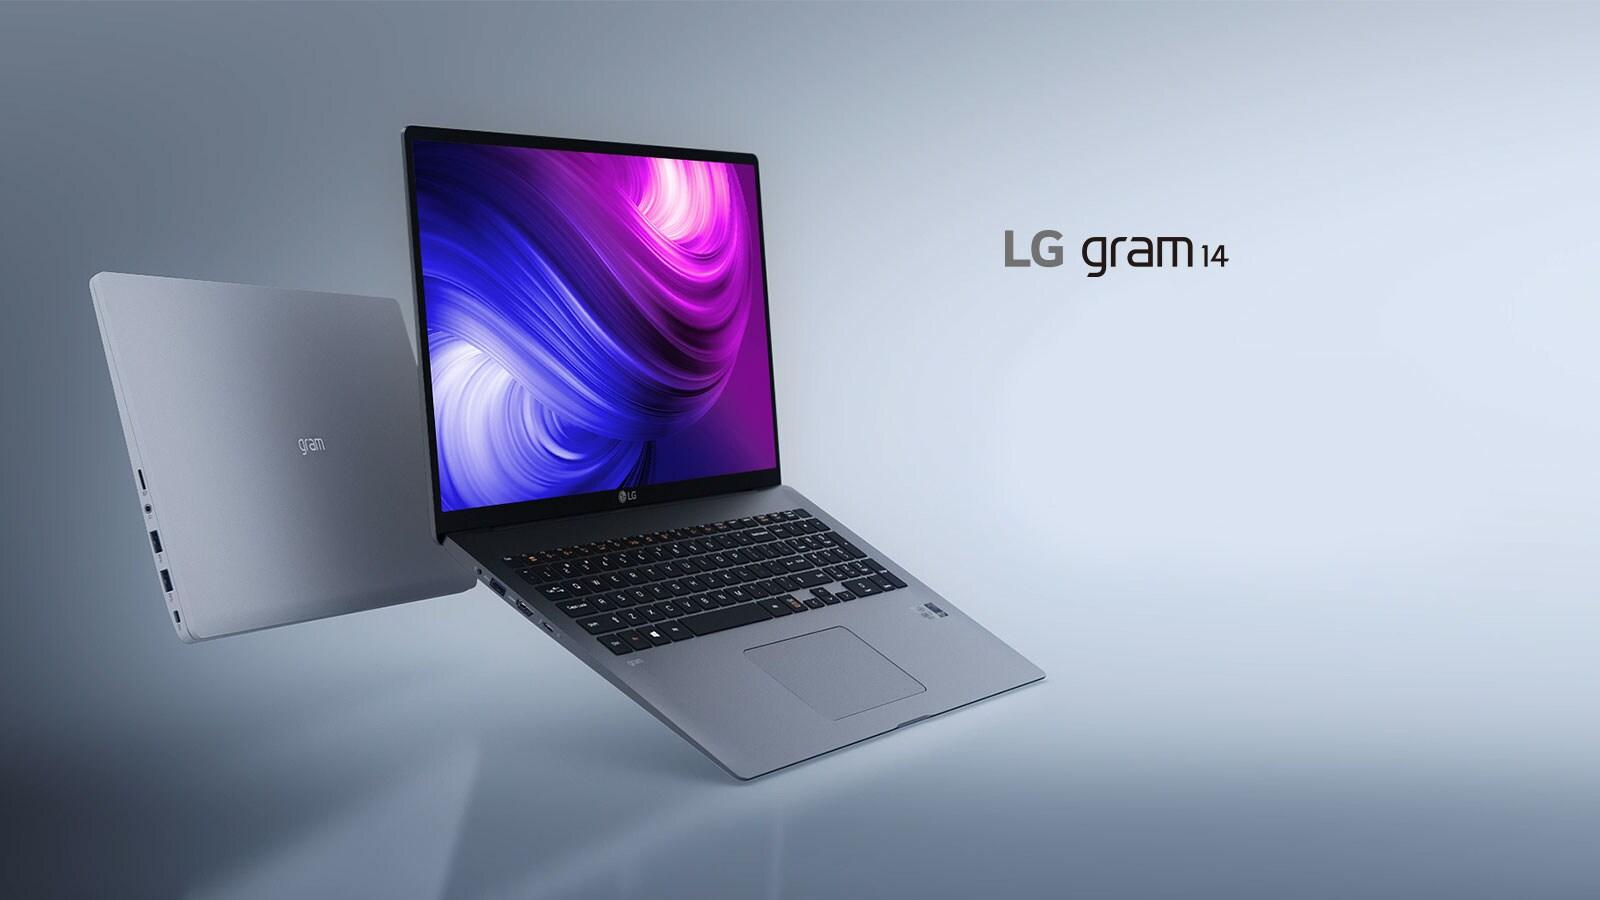 Đi mọi nơi, Làm mọi việc. LG gram 14